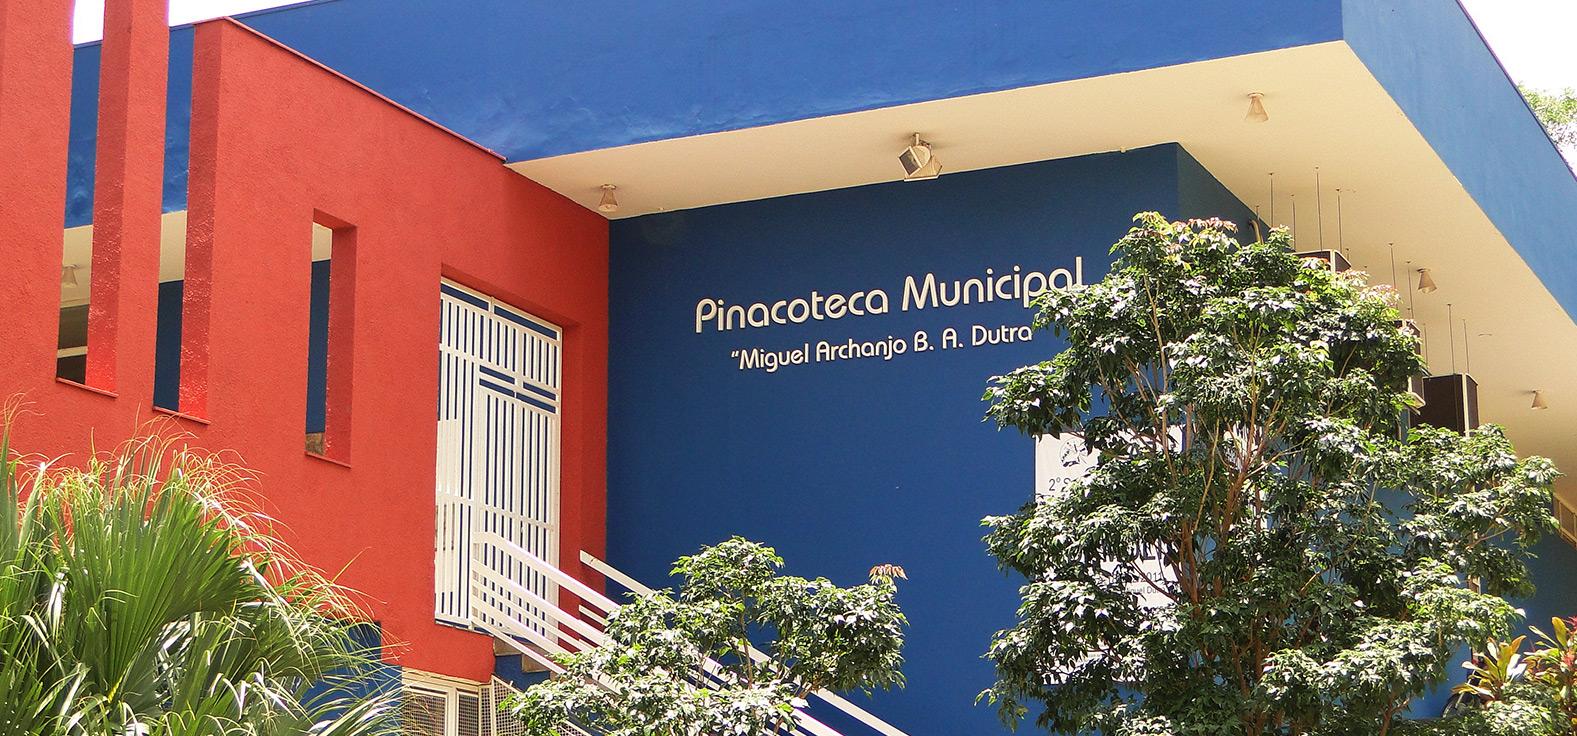 Pinacoteca em Piracicaba | Portal Serra do Itaquerí